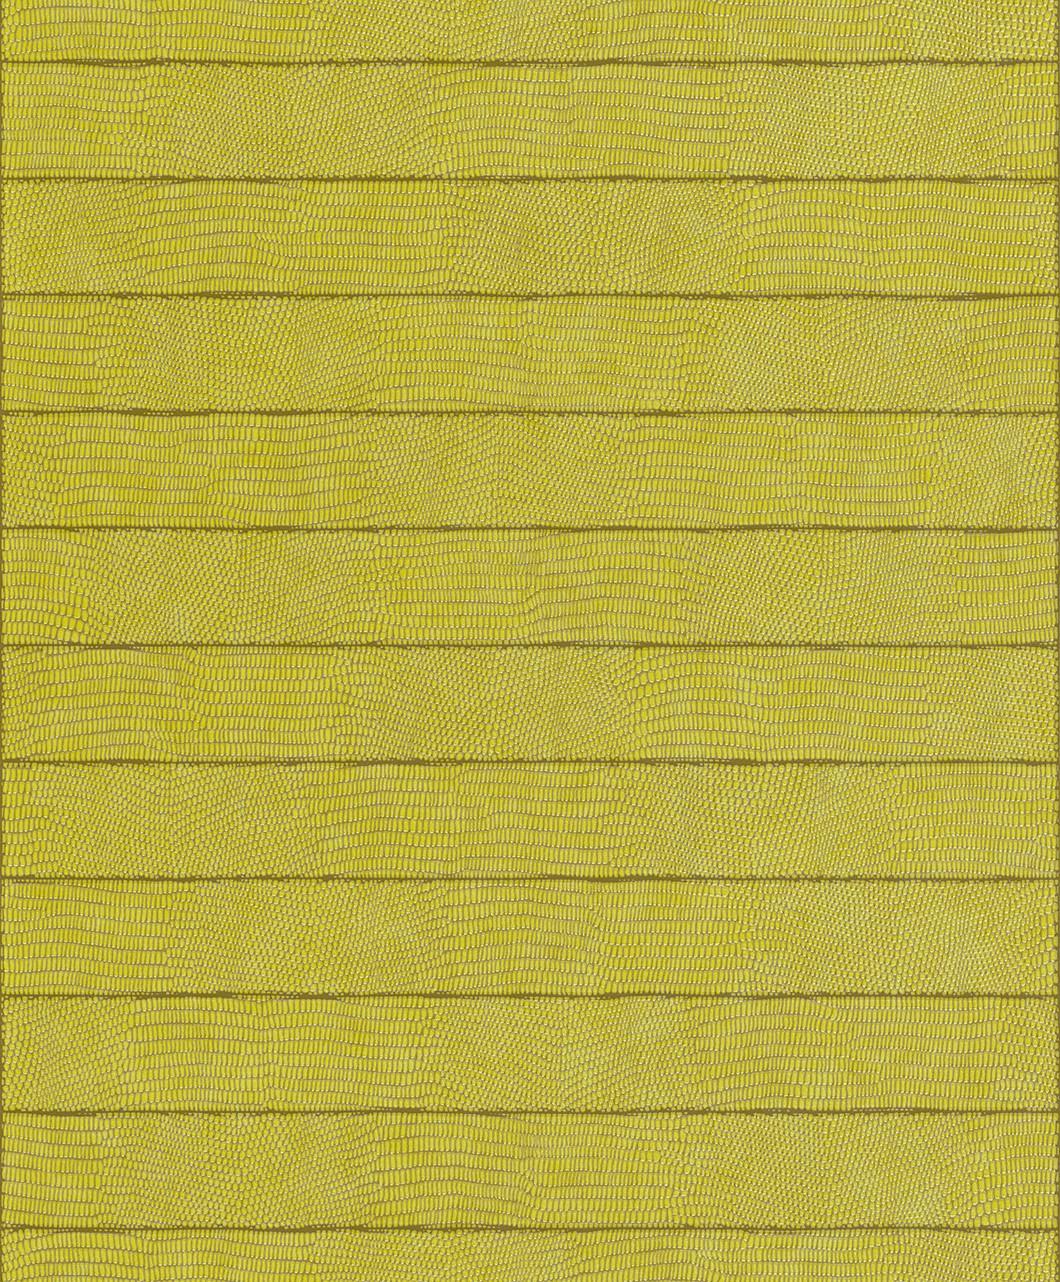 tapete vlies reptil optik gr n beige rasch cosmopolitan 575620. Black Bedroom Furniture Sets. Home Design Ideas